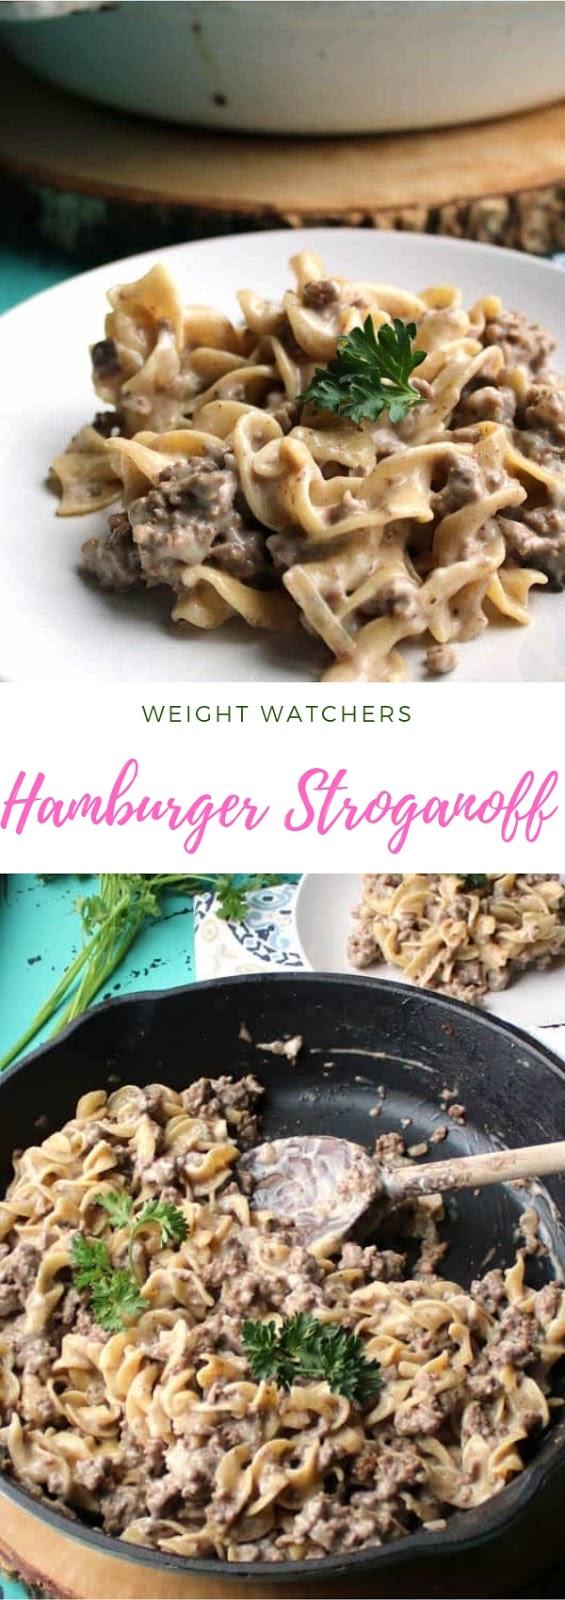 Weight Watchers Hamburger Stroganoff #maincourse #dinner #weightwatchers #hamburger #stroganoff